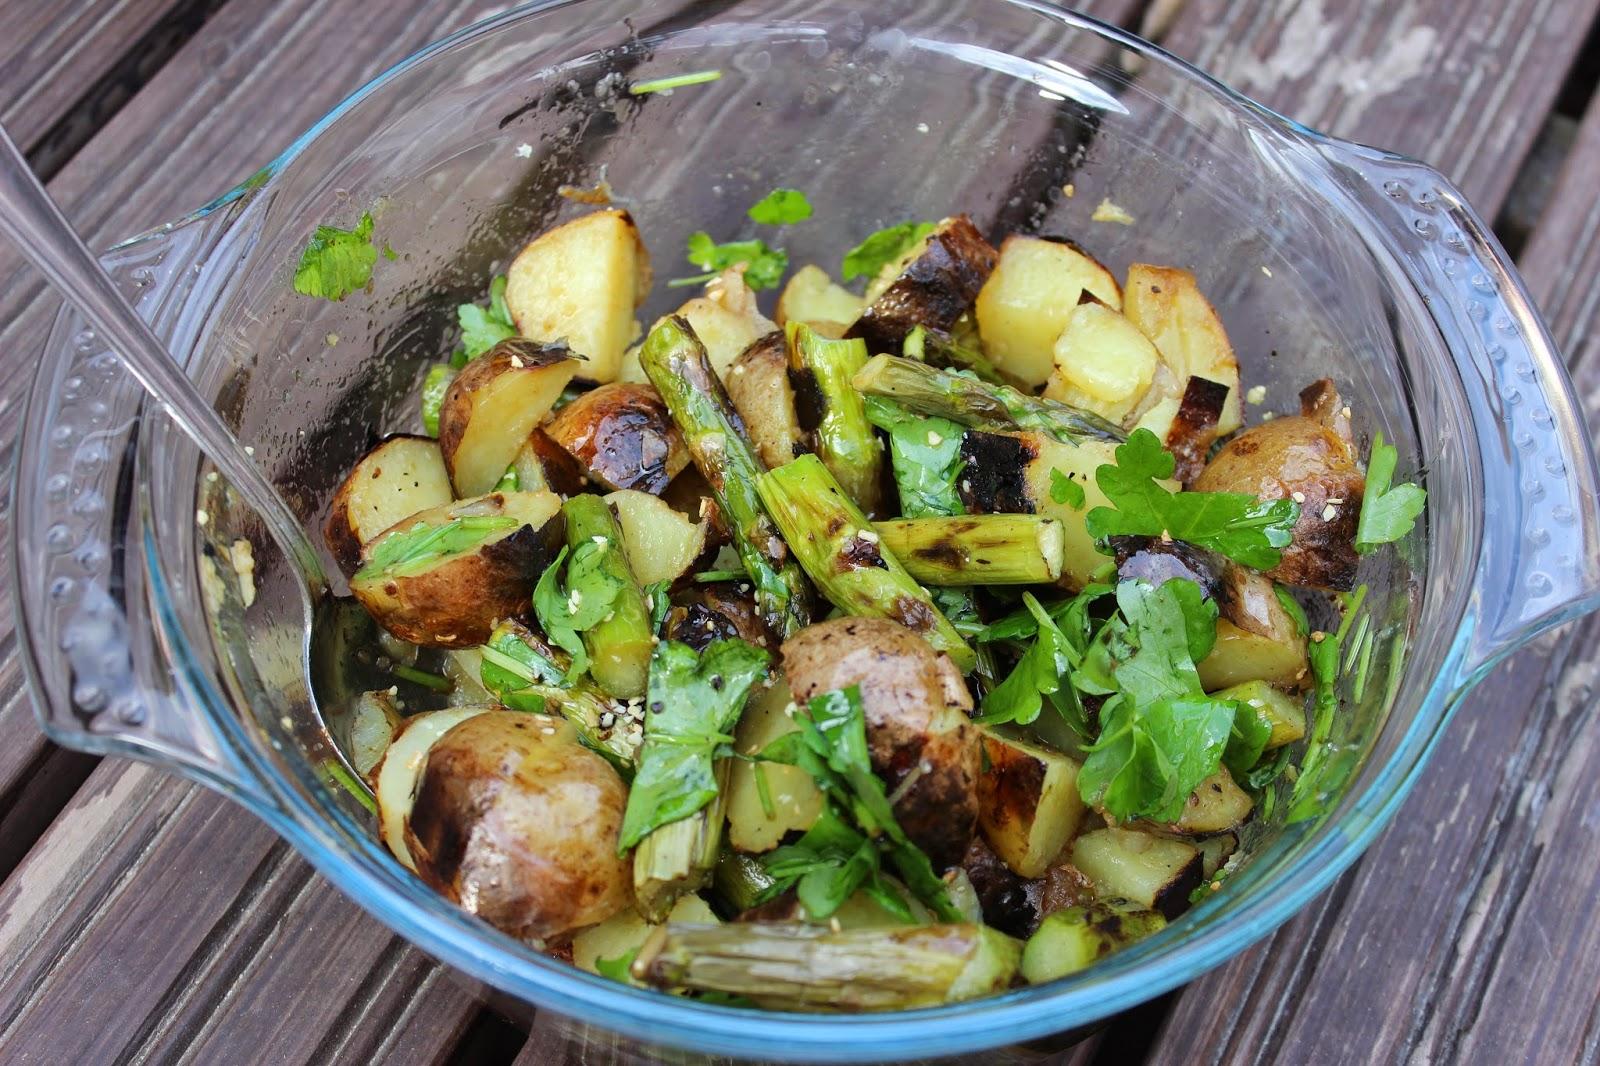 Kuukauden kasvis - parsa: grillattu parsa-perunasalaatti